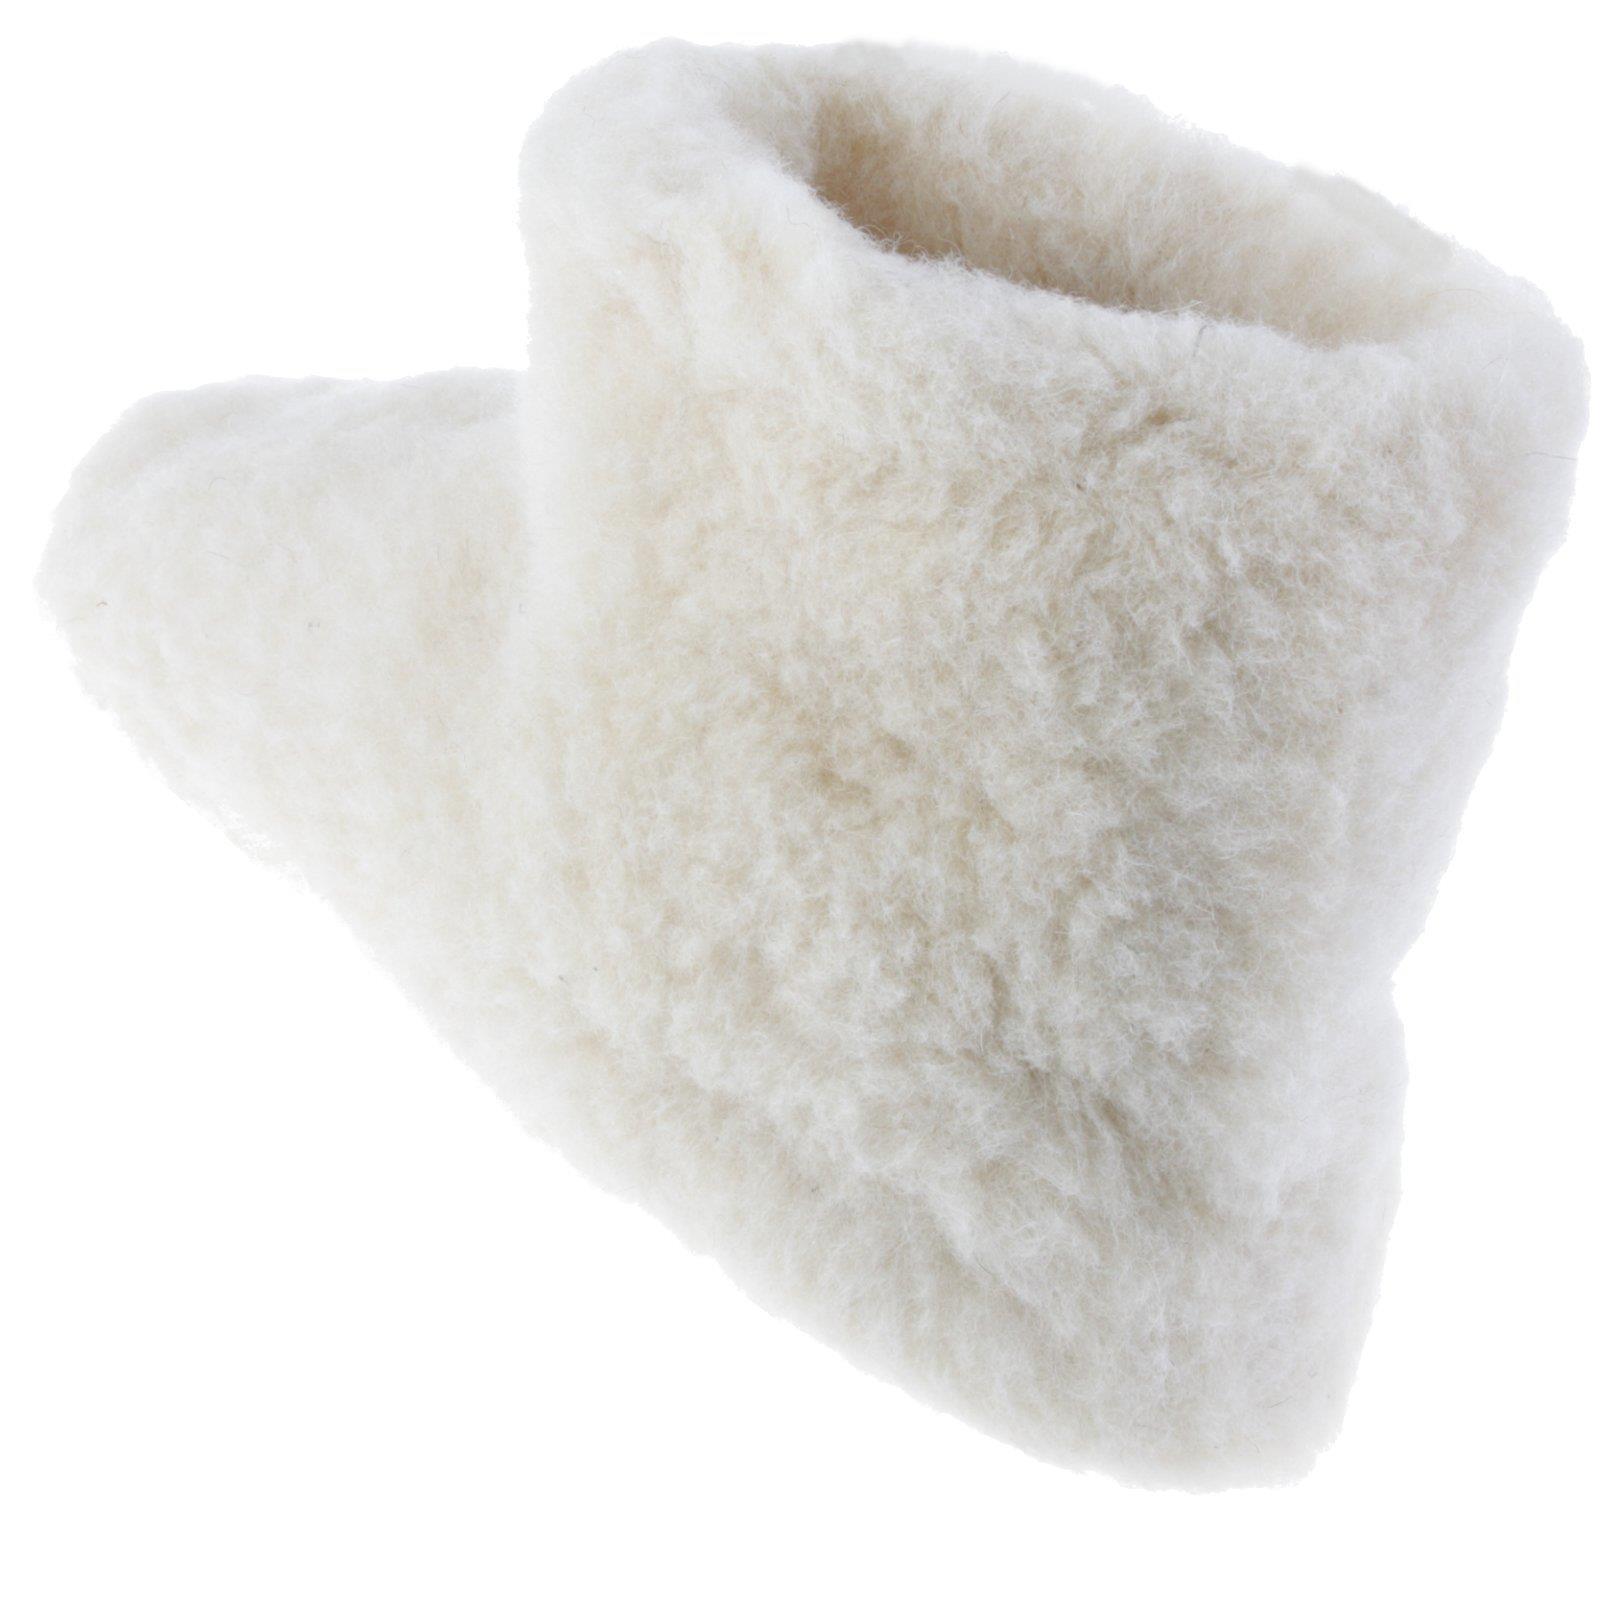 Lammfell-Hausschuhe-Pantoffel-Puschen-Schlappen-Slipper-Pluesch-Unisex-37-46 Indexbild 20